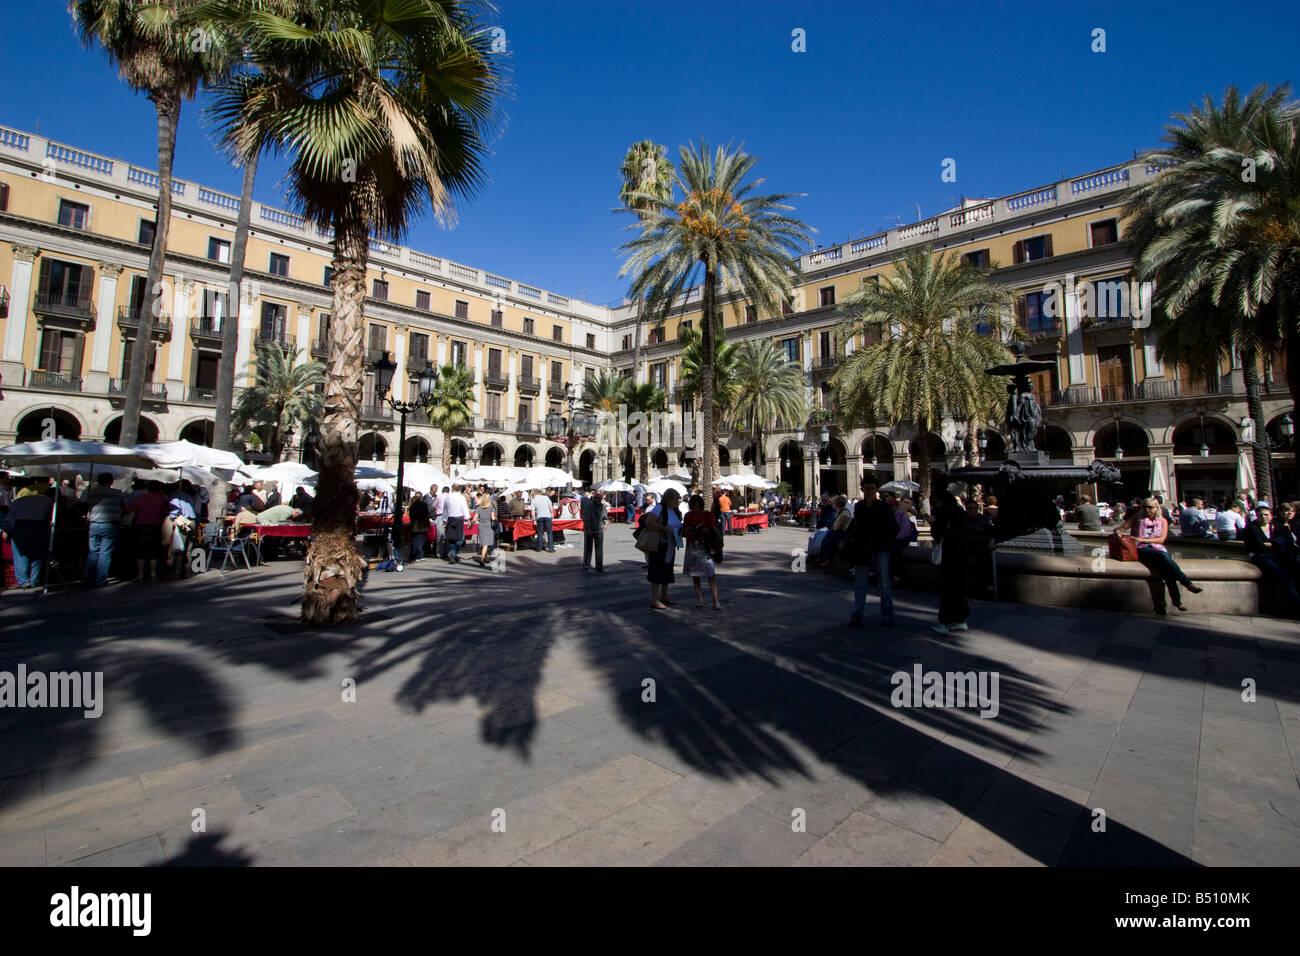 placa reial barcelona - Stock Image